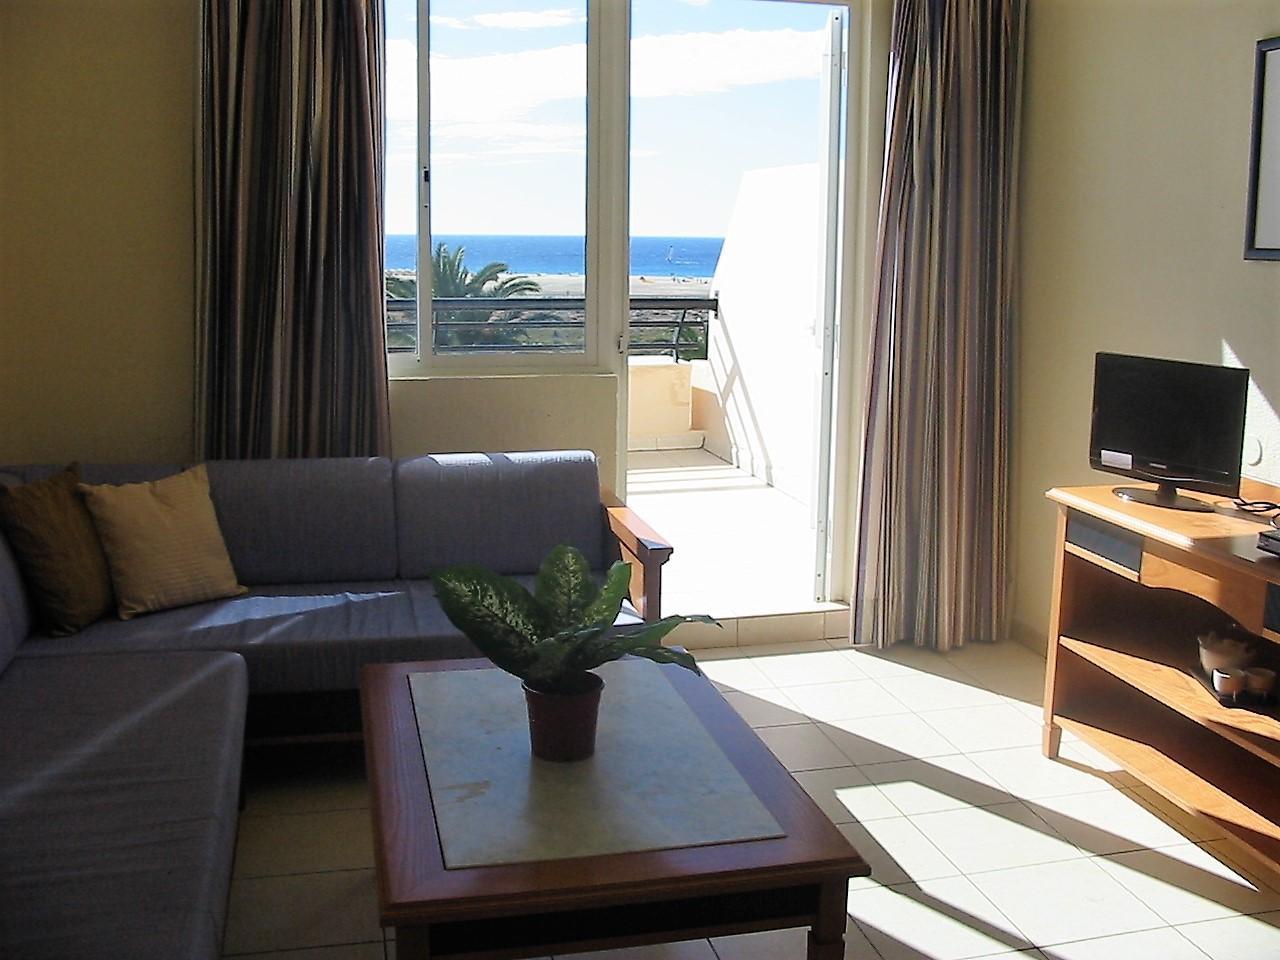 Ferienwohnung Apartment 2 / 4er Direkt am Meer, mit Blick auf den Strand, Schwimmbäder, ausgestattet. WI (487787), Morro Jable, Fuerteventura, Kanarische Inseln, Spanien, Bild 6